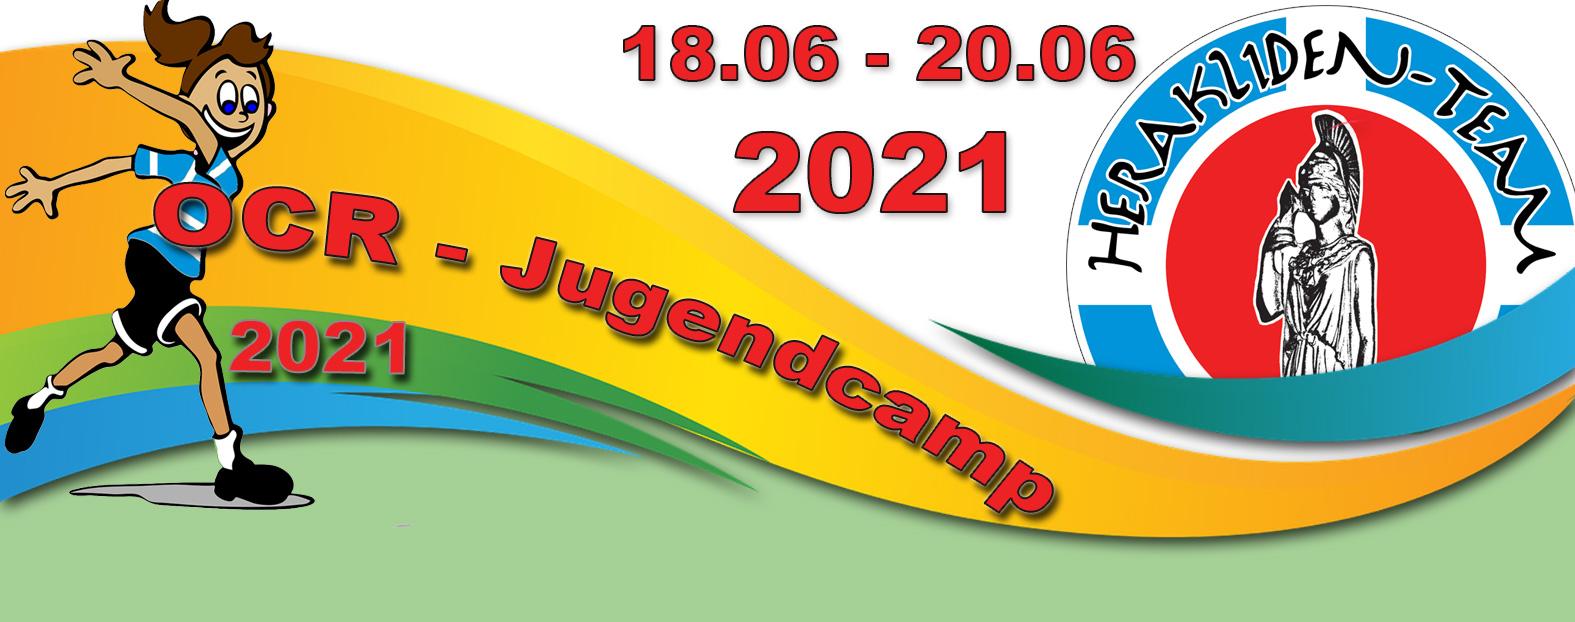 OCR-Jugendcamp